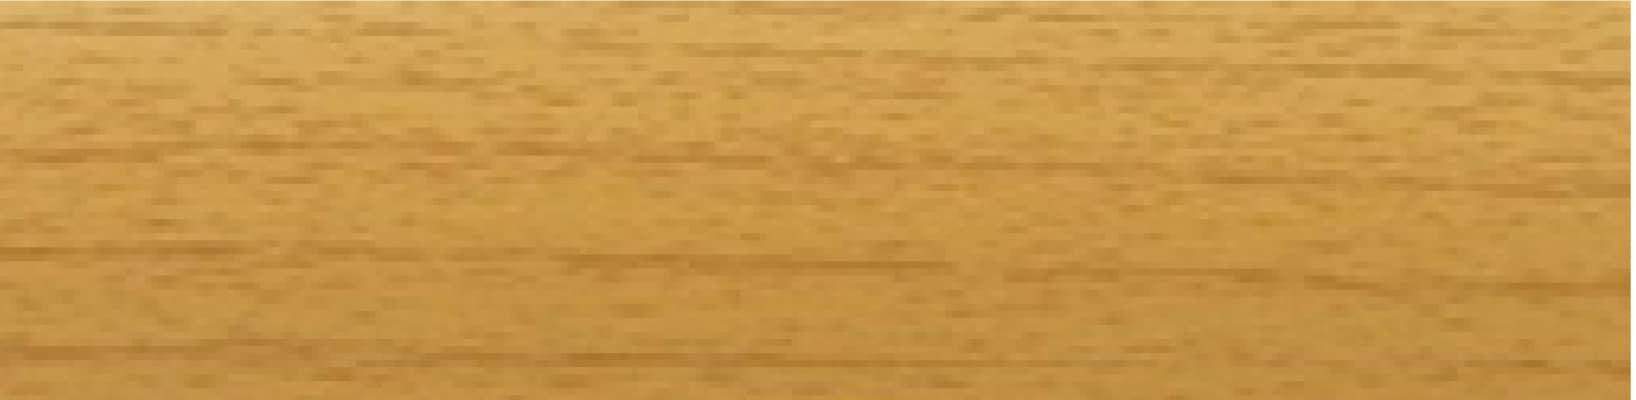 Drewnopodobny Nr koloru W96 (Dopłata 30%)